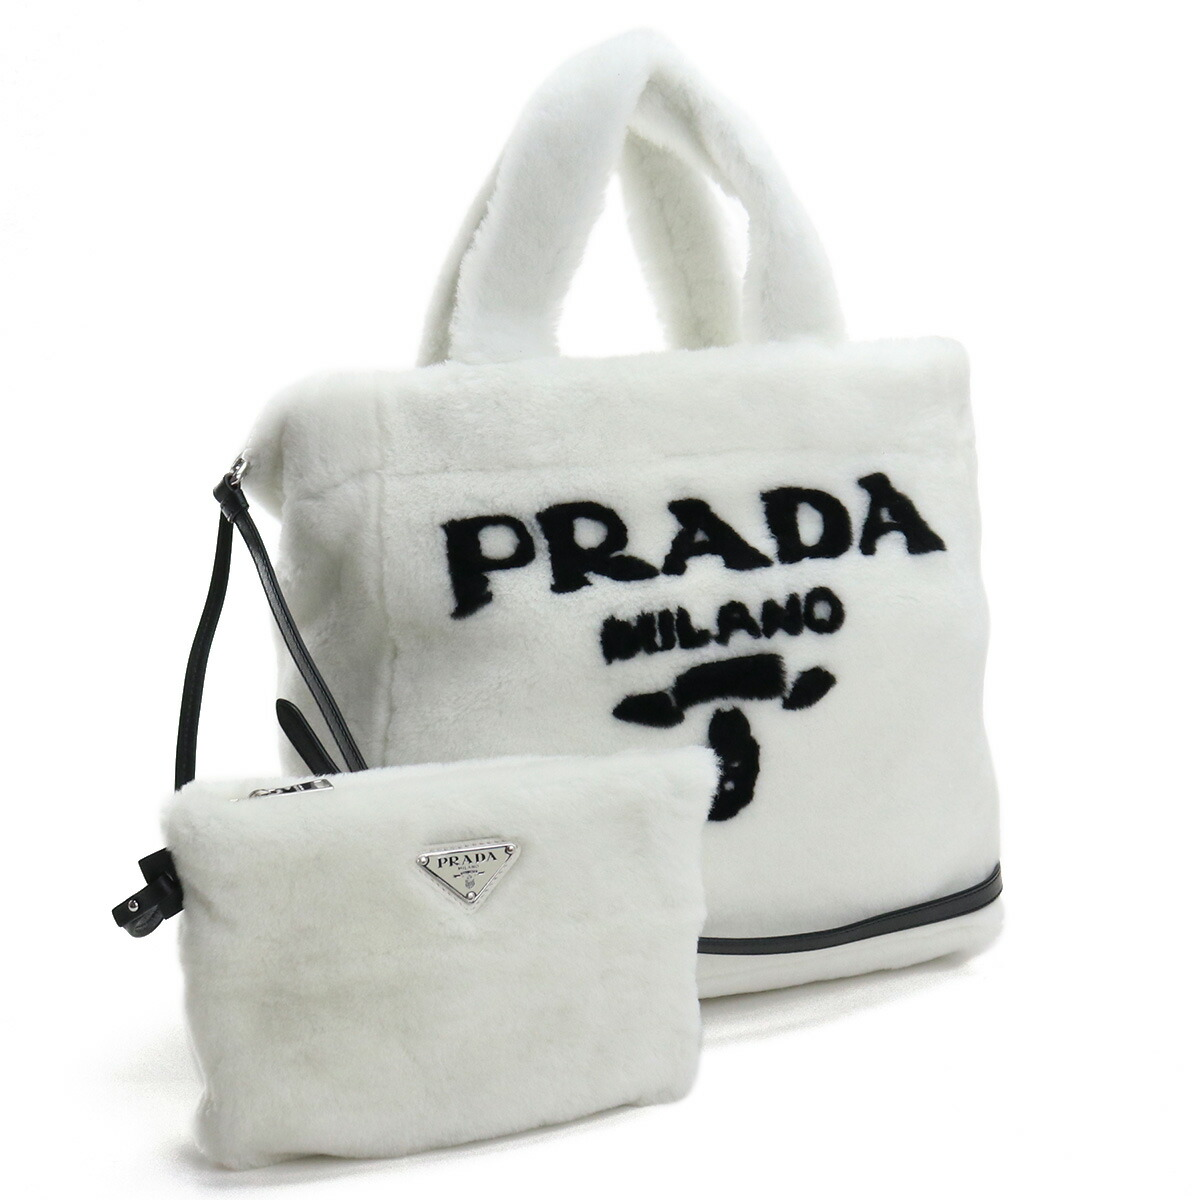 プラダ PRADA  トートバッグ ブランドバッグ ブランドロゴ ファ-バッグ 1BG374 2EC9 V MIO F0964 BIANCO+NERO ホワイト系 bag-01